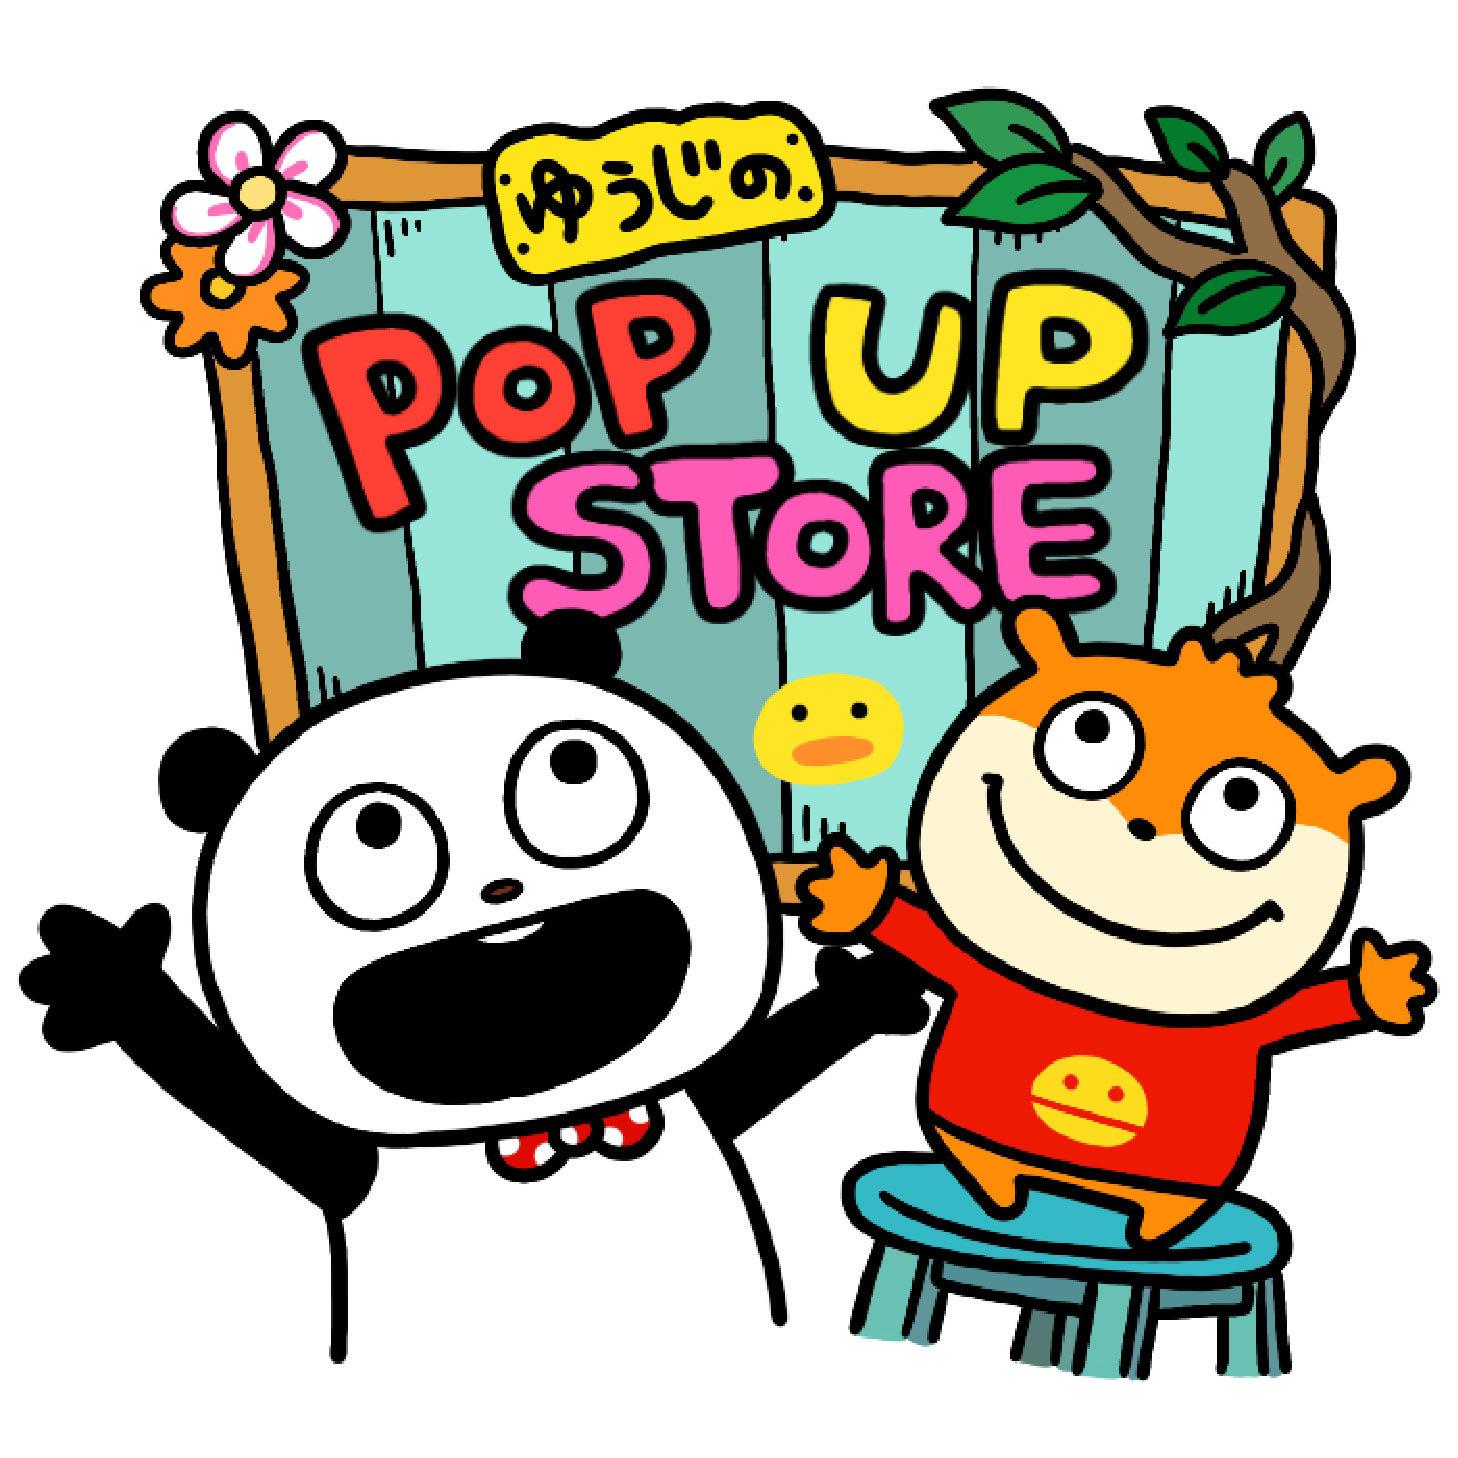 【予告】にしむらゆうじ POP UP STORE ロフト店舗限定販売のお知らせ_f0010033_18280737.jpg